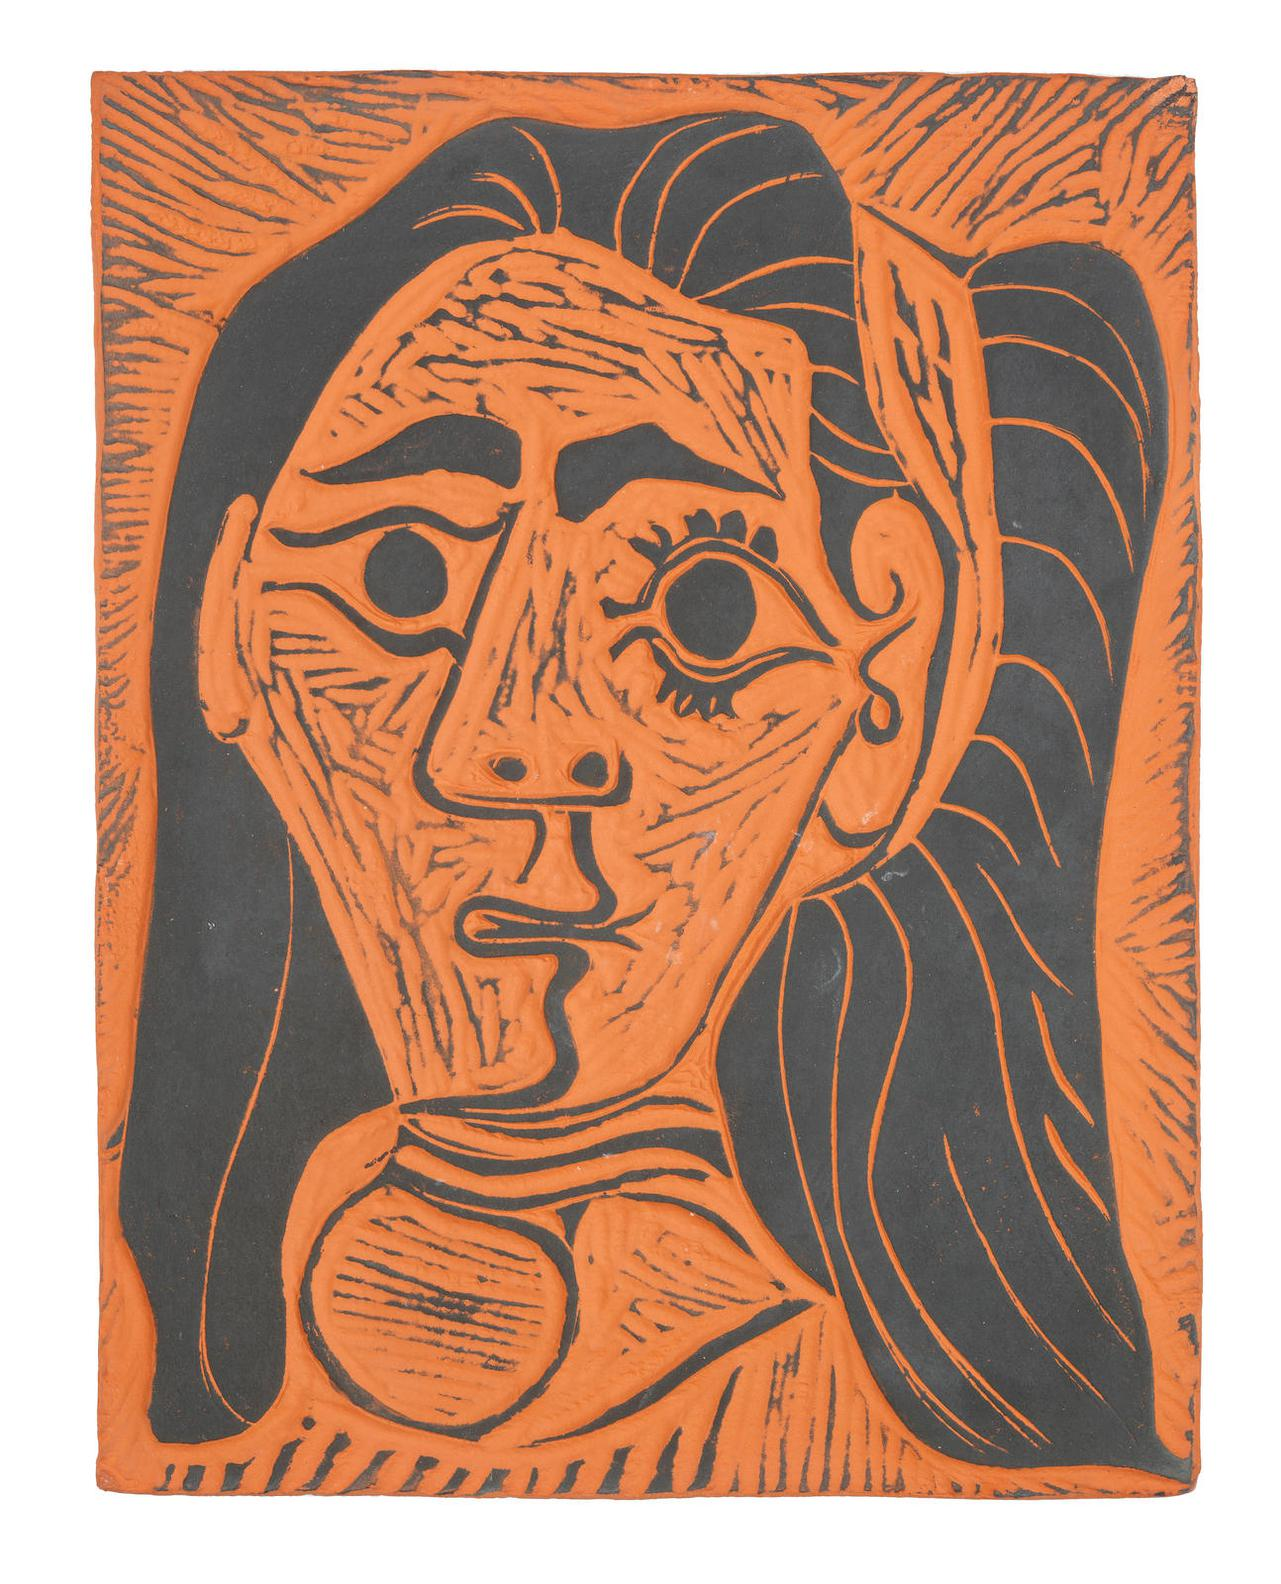 Pablo Picasso-Femme Aux Cheveux Flous (Fluffy-Haired Woman)-1964